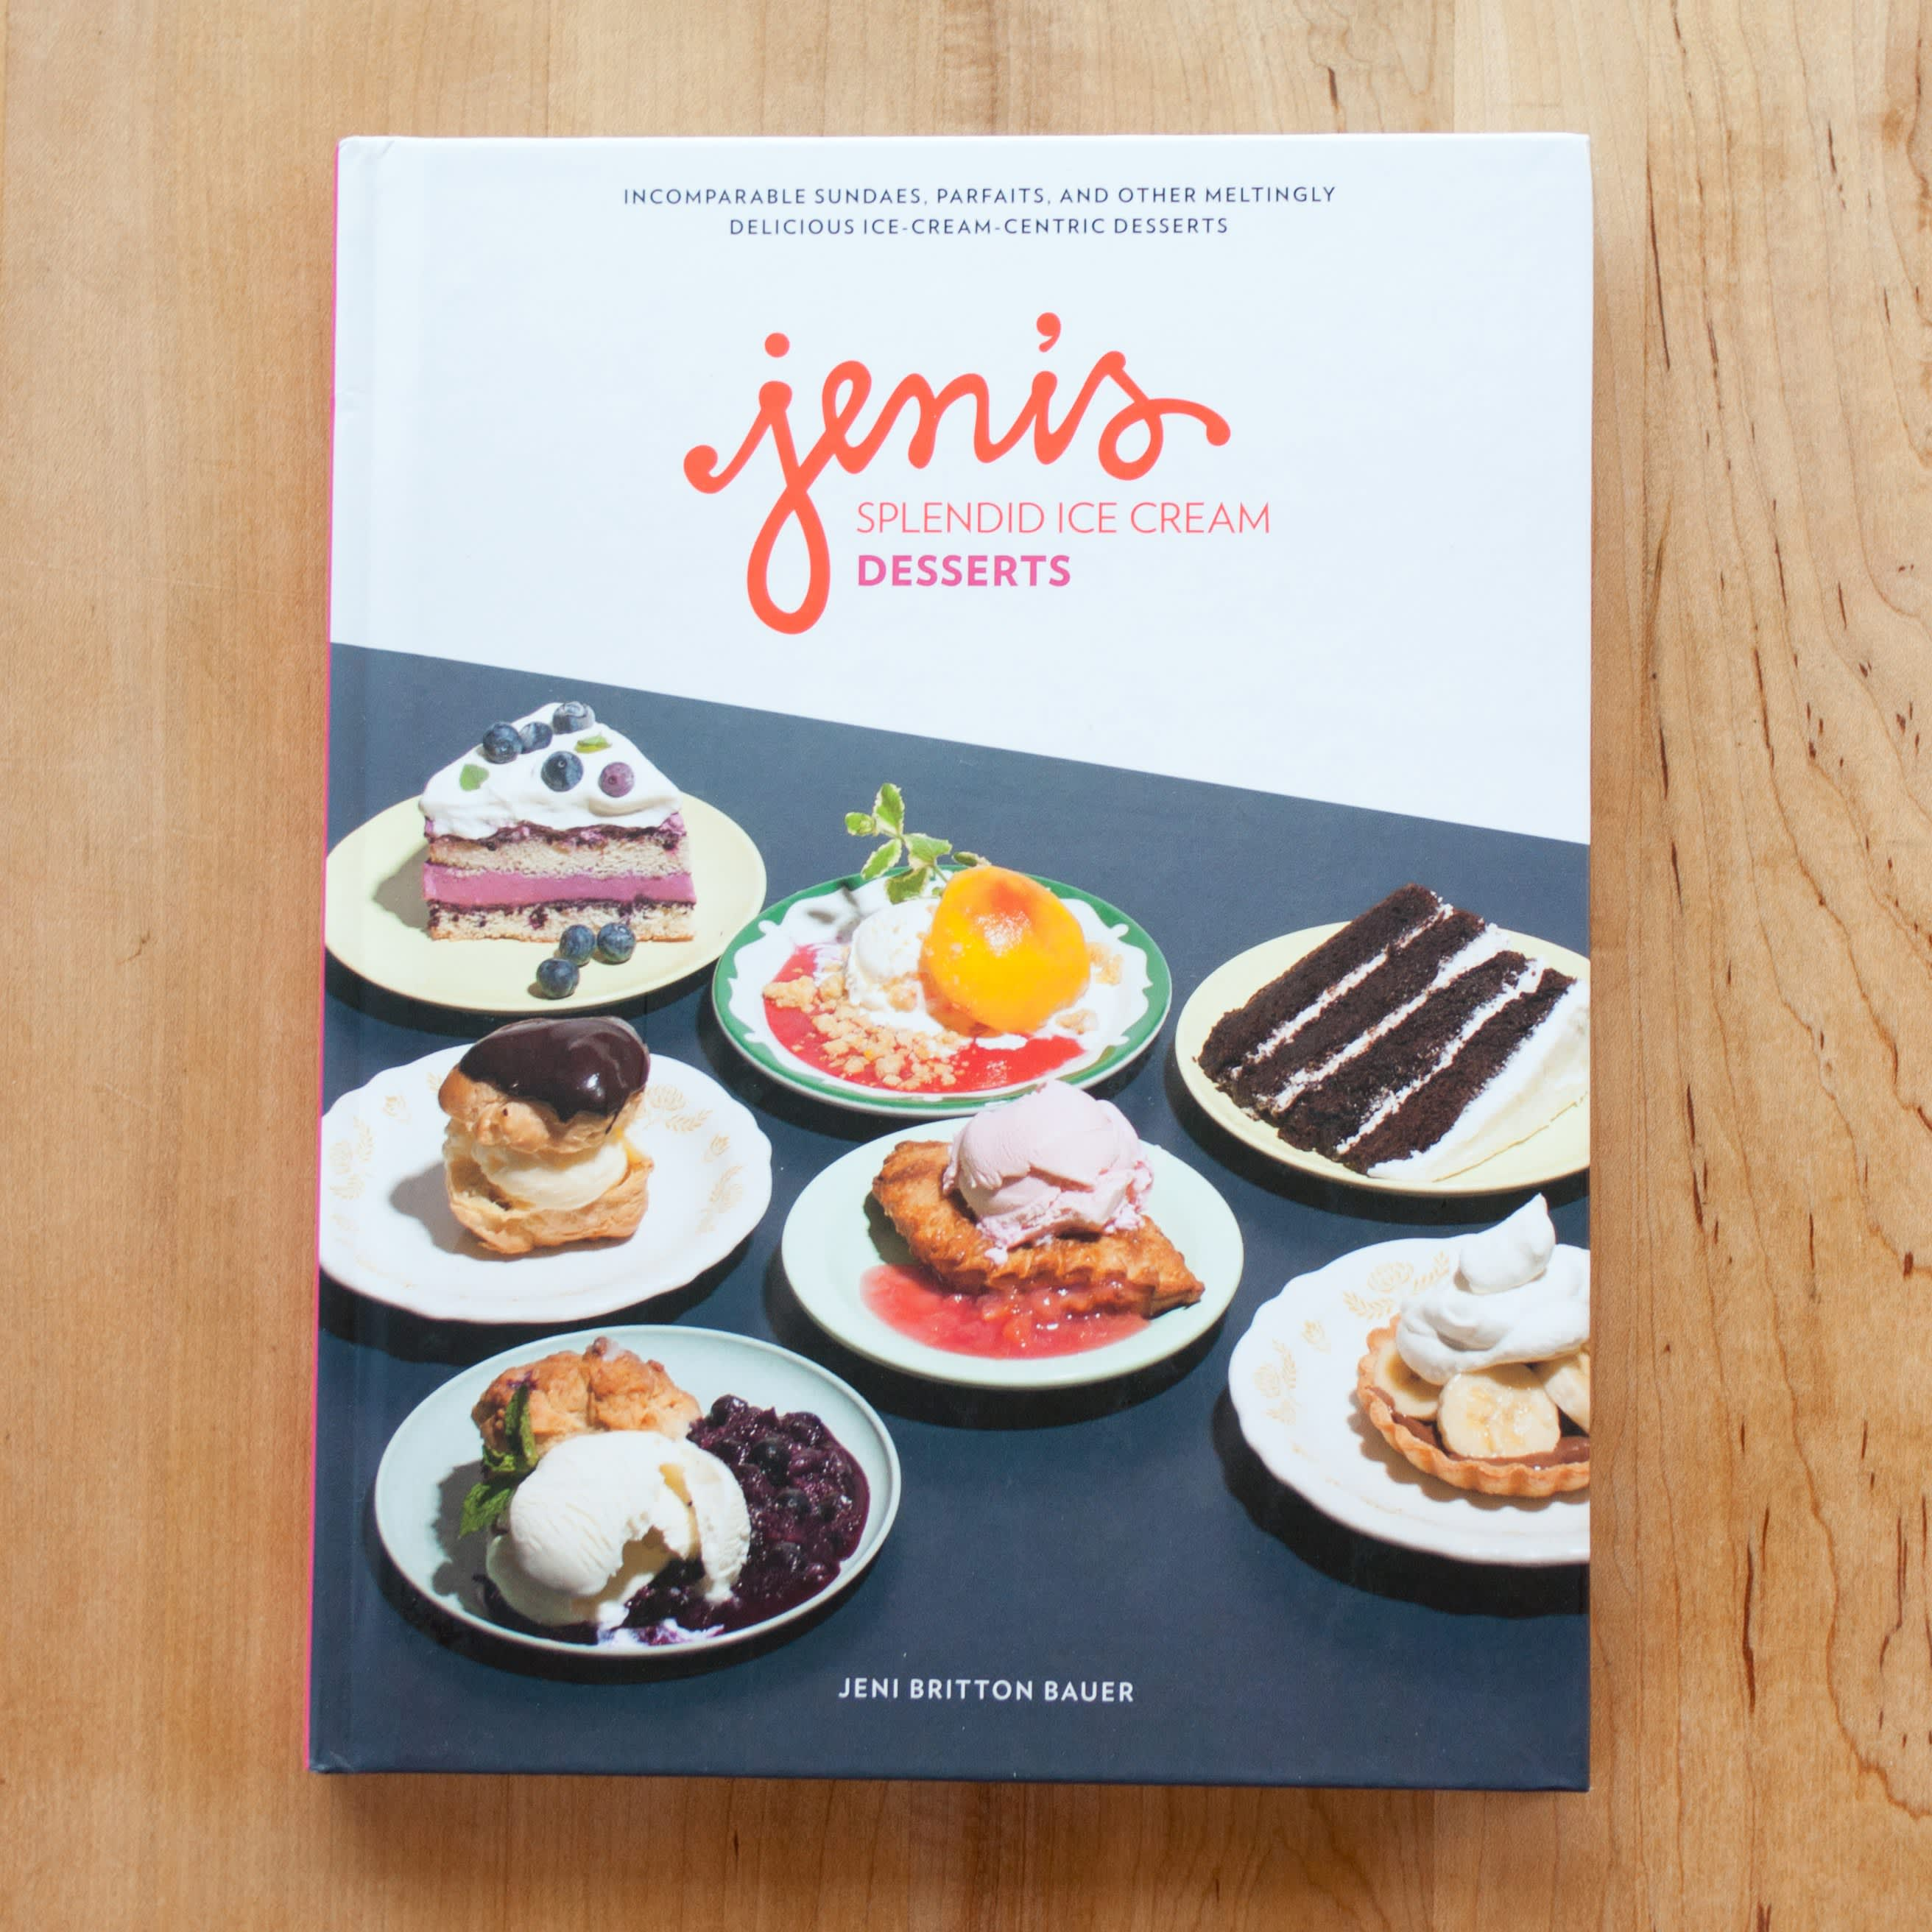 Jeni's Splendid Ice Cream Desserts by Jeni Britton Bauer: gallery image 1